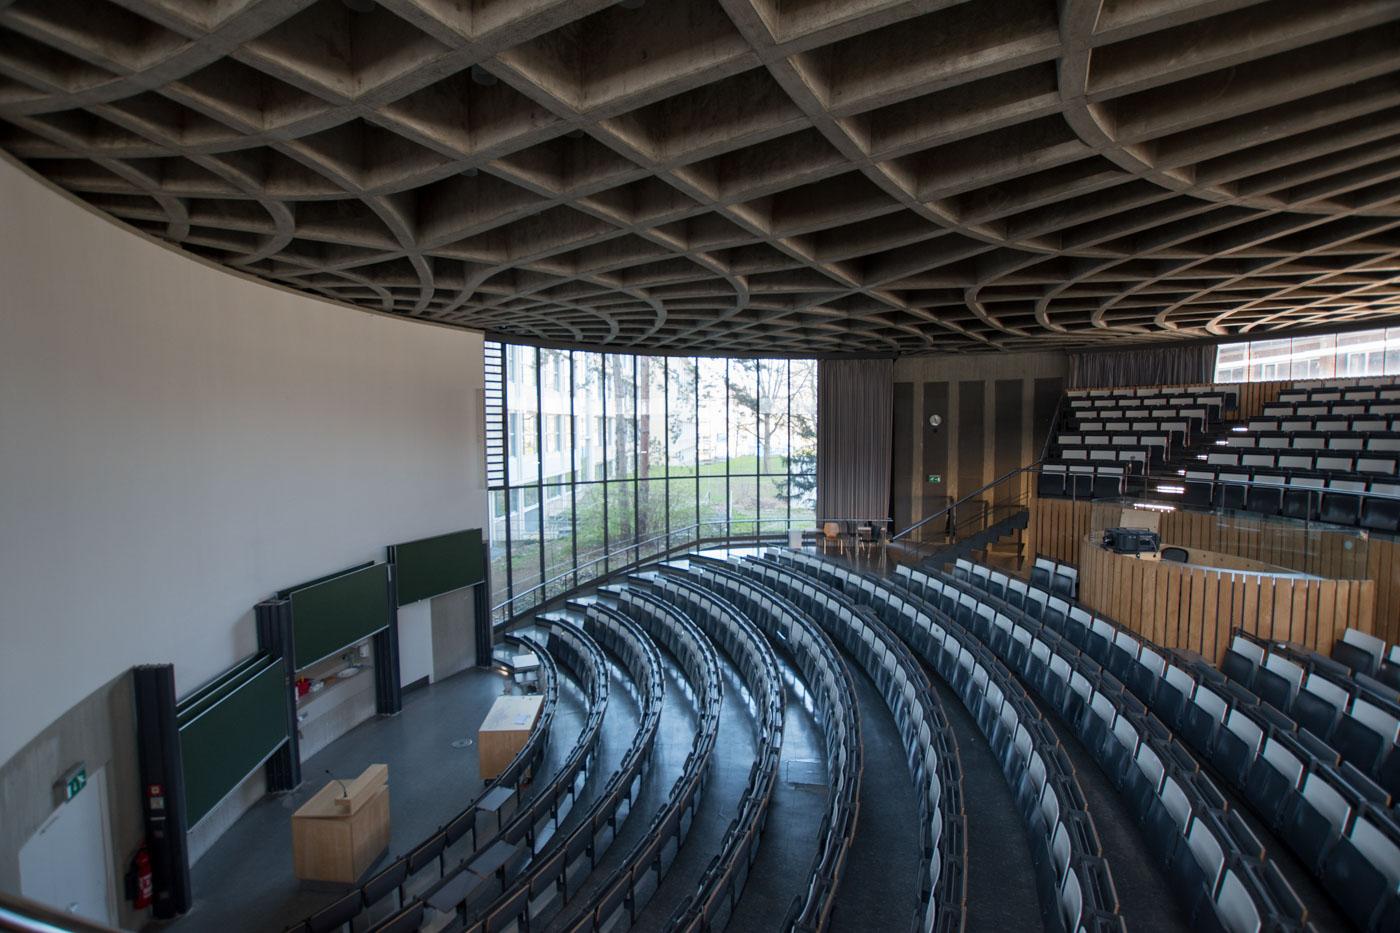 Runder Hörsaal von oben